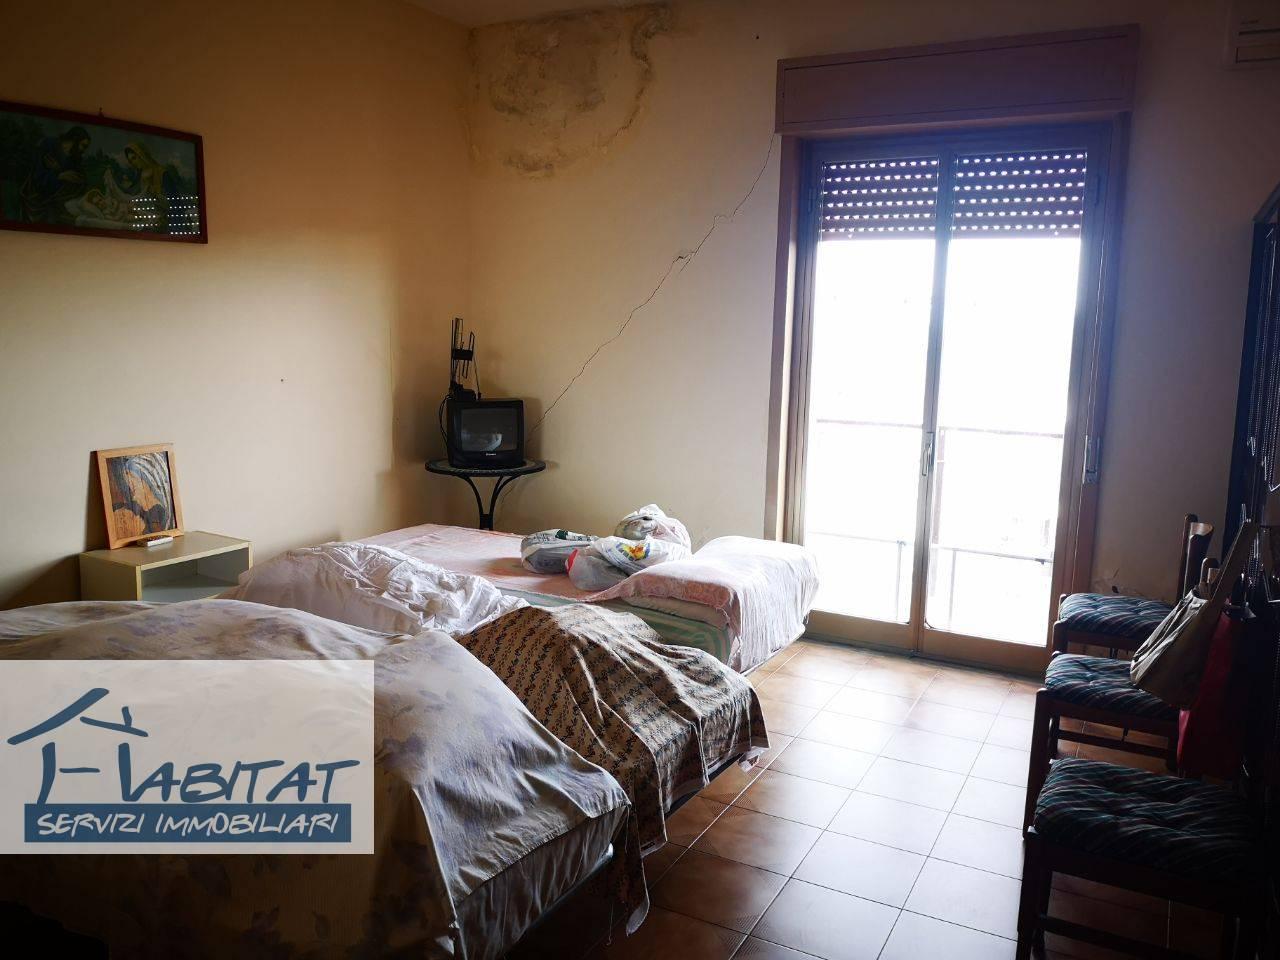 Appartamento AGRIGENTO vendita  San Michele  Habitat Immobiliare